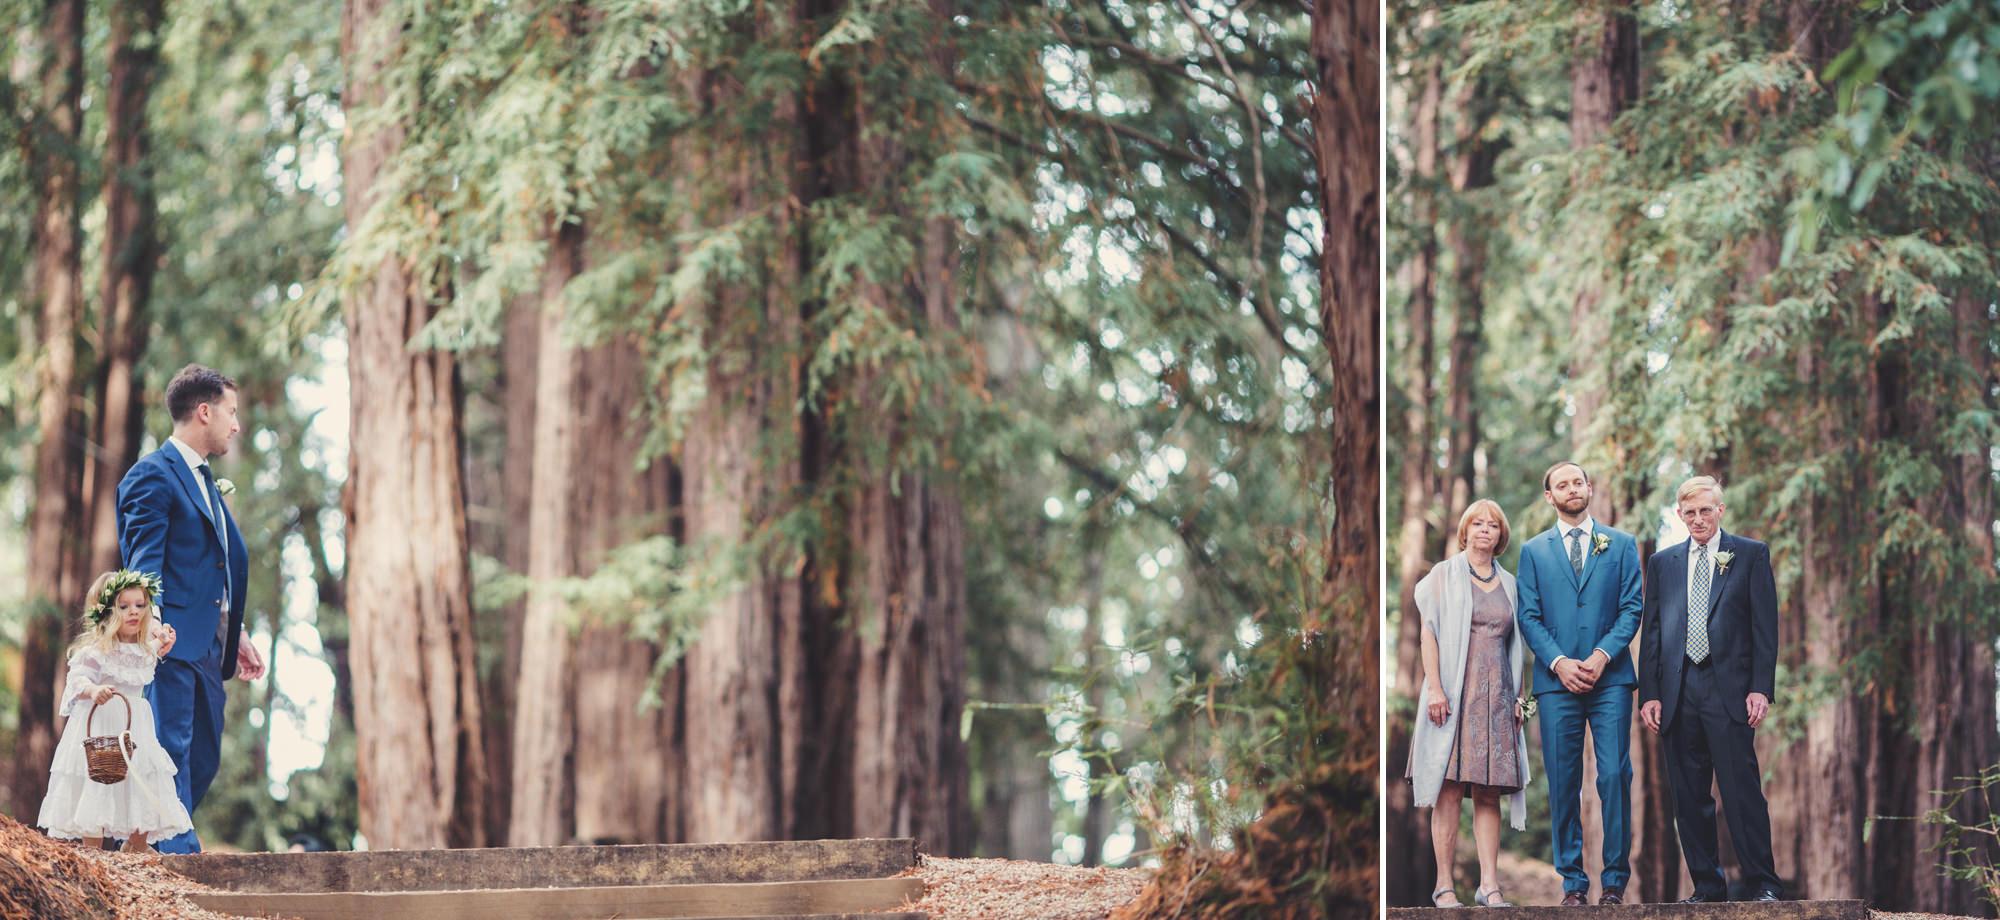 Sequoia Retreat Center Wedding@Anne-Claire Brun 56